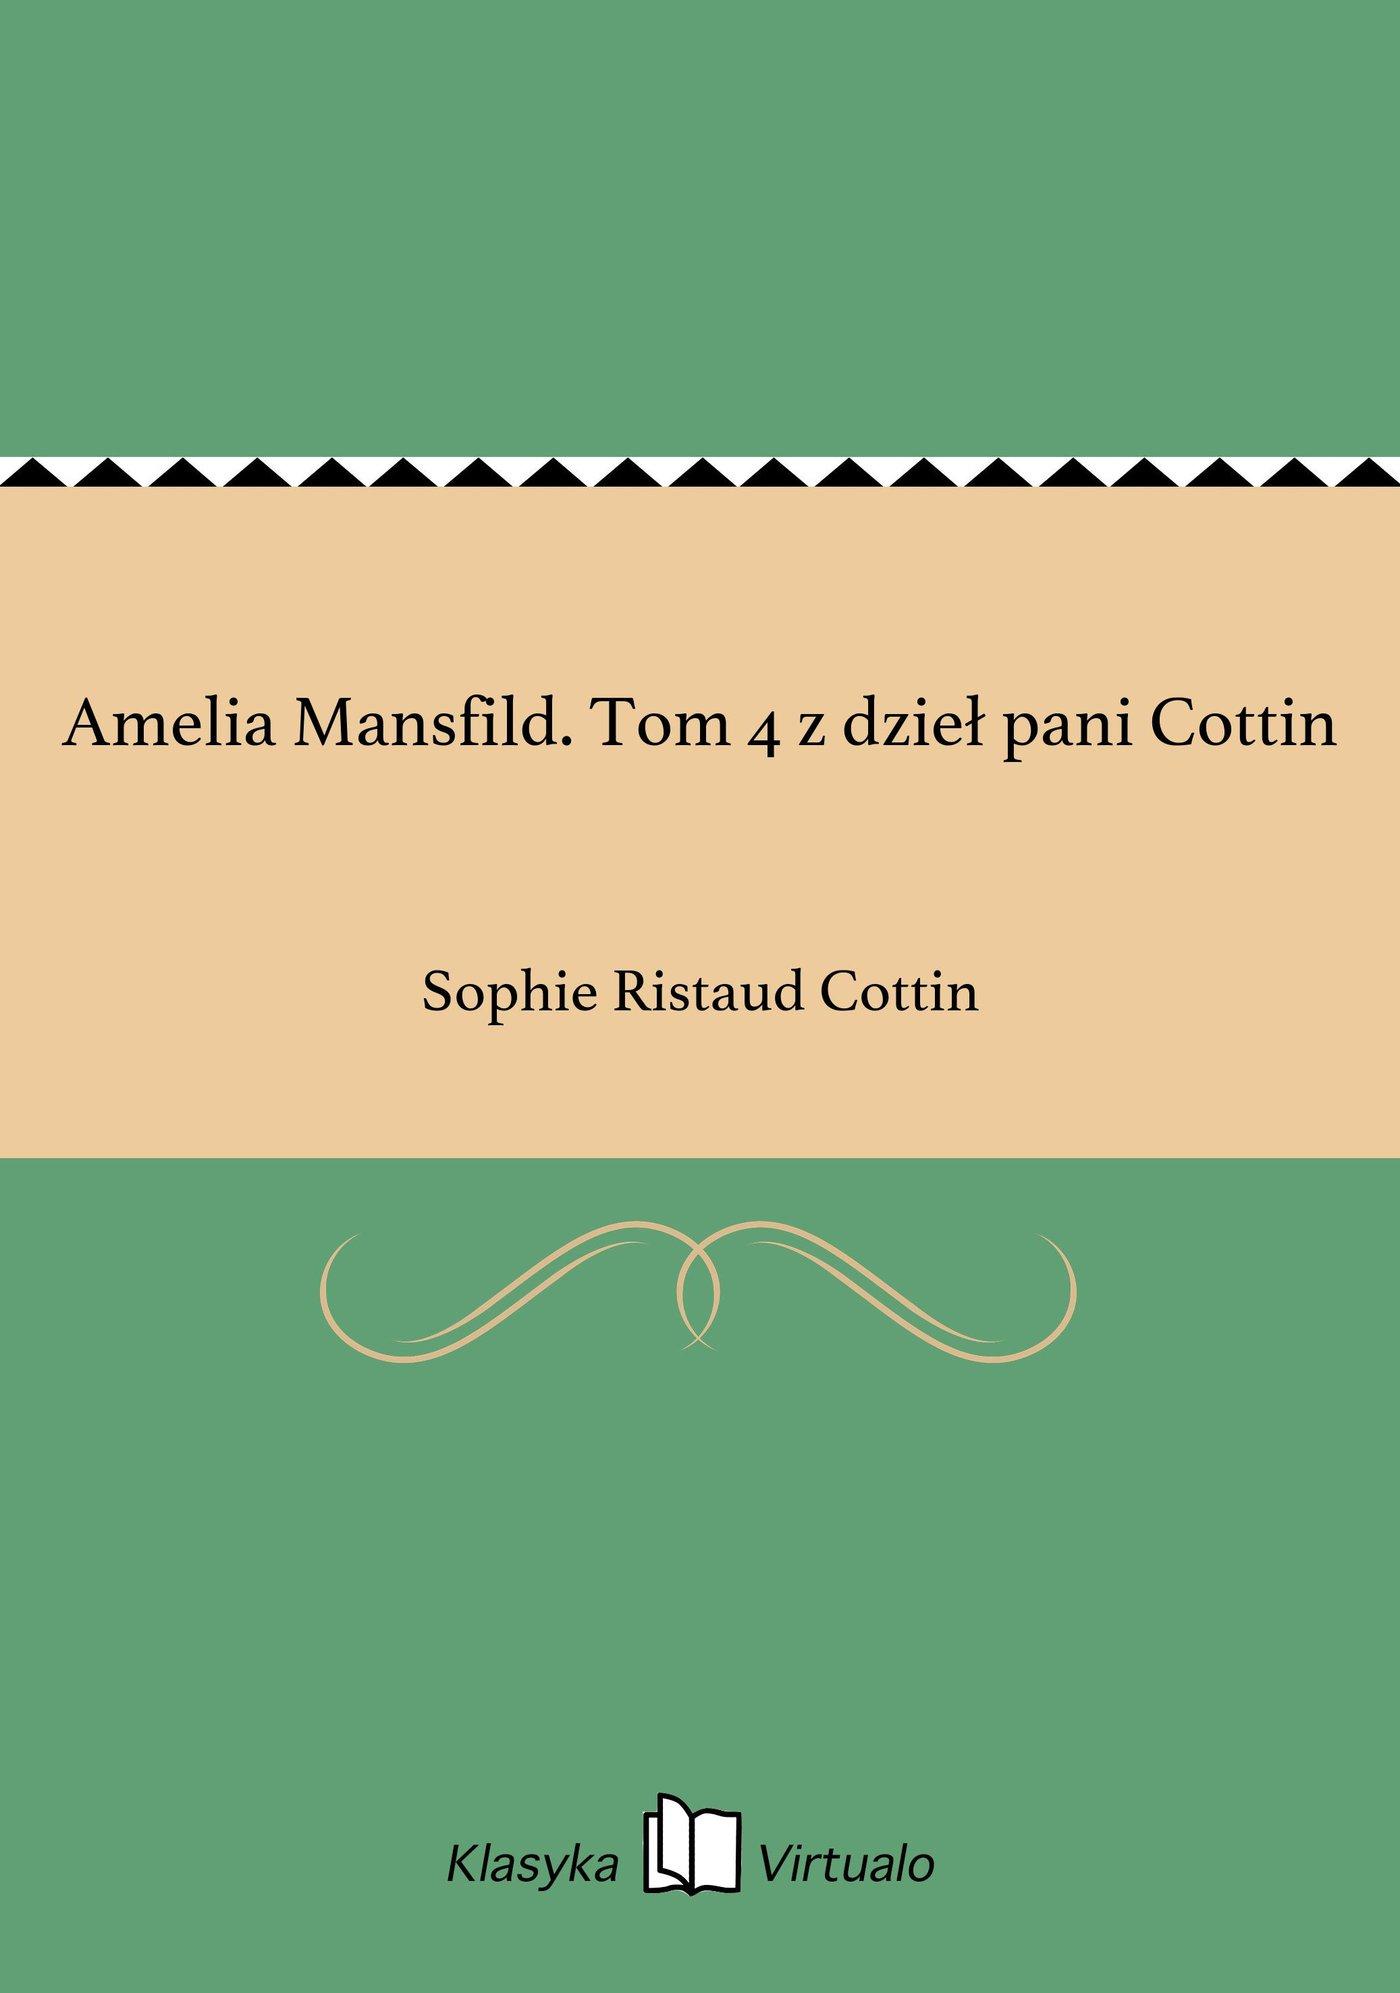 Amelia Mansfild. Tom 4 z dzieł pani Cottin - Ebook (Książka EPUB) do pobrania w formacie EPUB